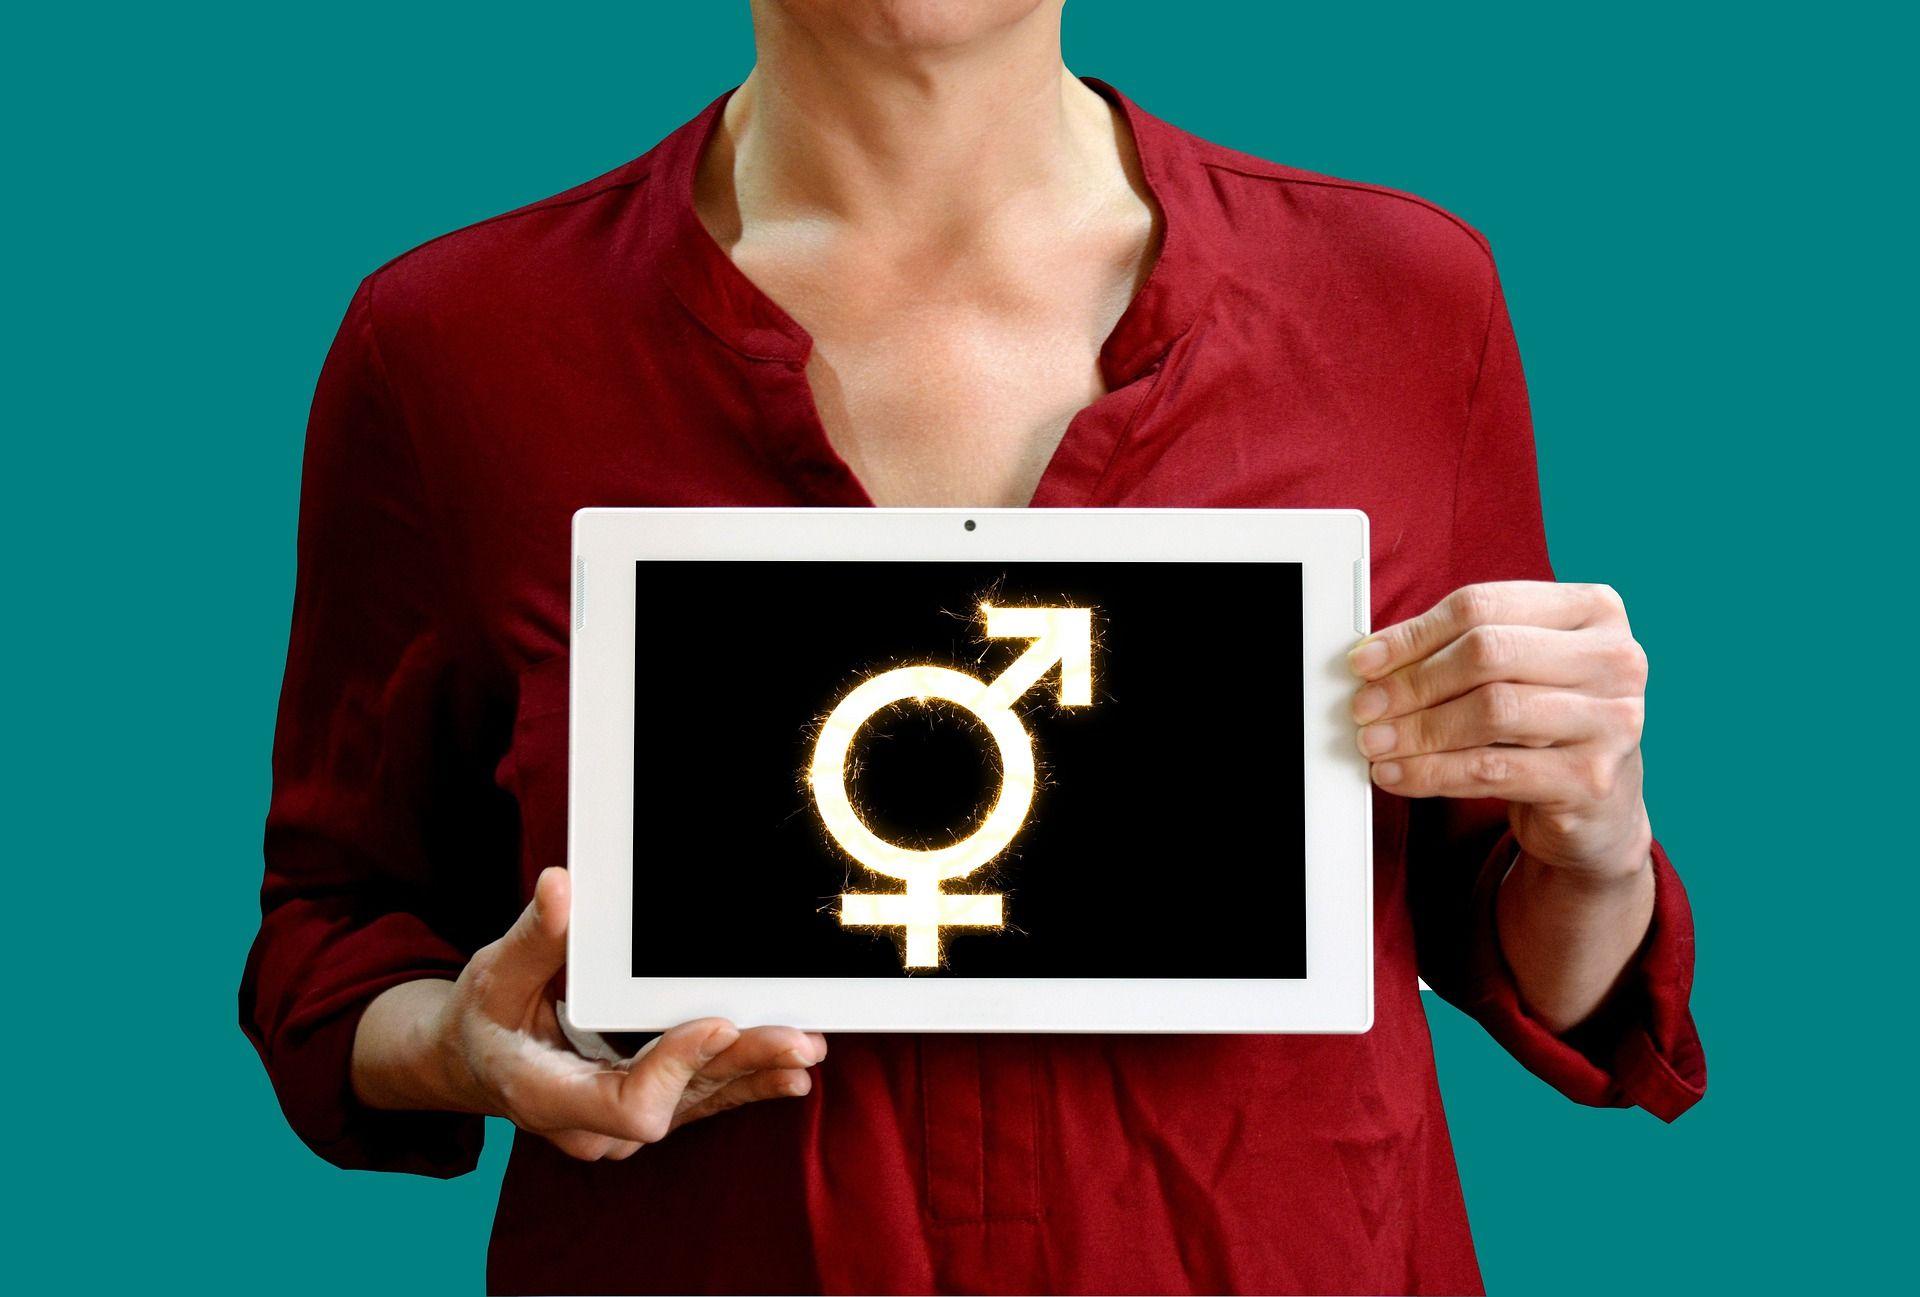 Transexualité chez les ados : les bloqueurs de puberté sont de plus en plus prescrits et pourtant personne ne maîtrise vraiment leurs effets de long terme